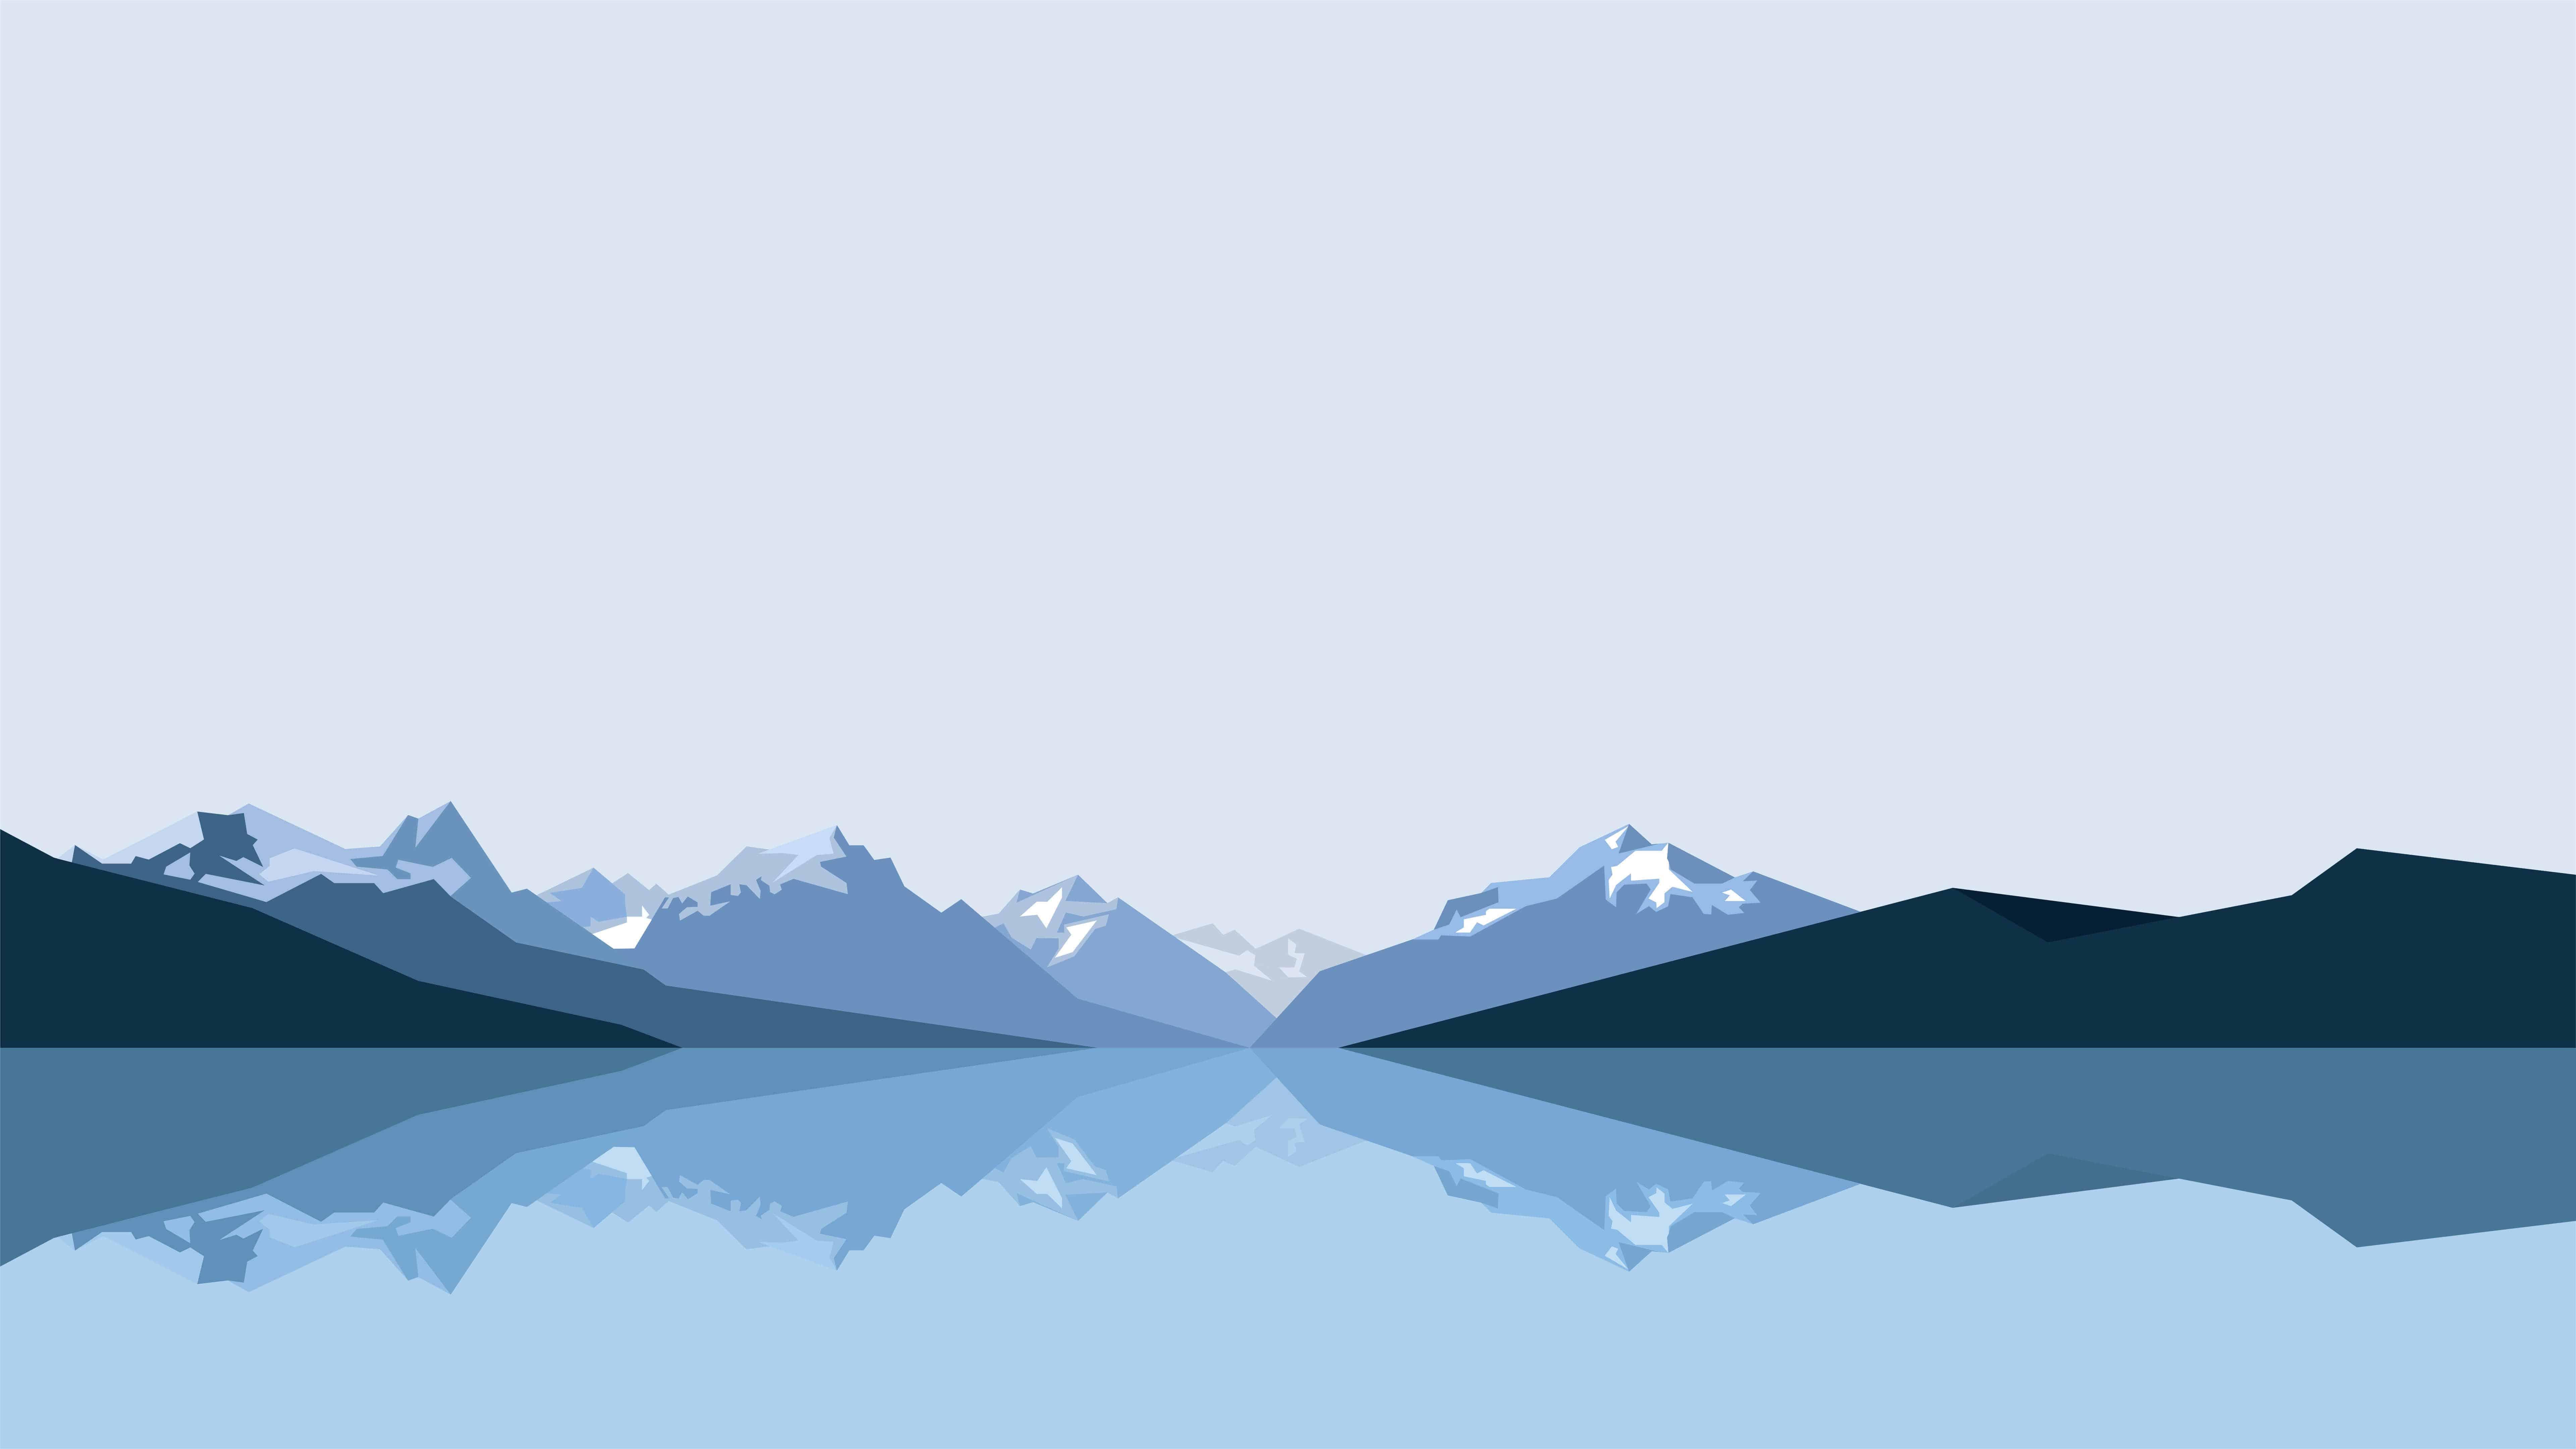 minimalist mountains and lake uhd 8k wallpaper